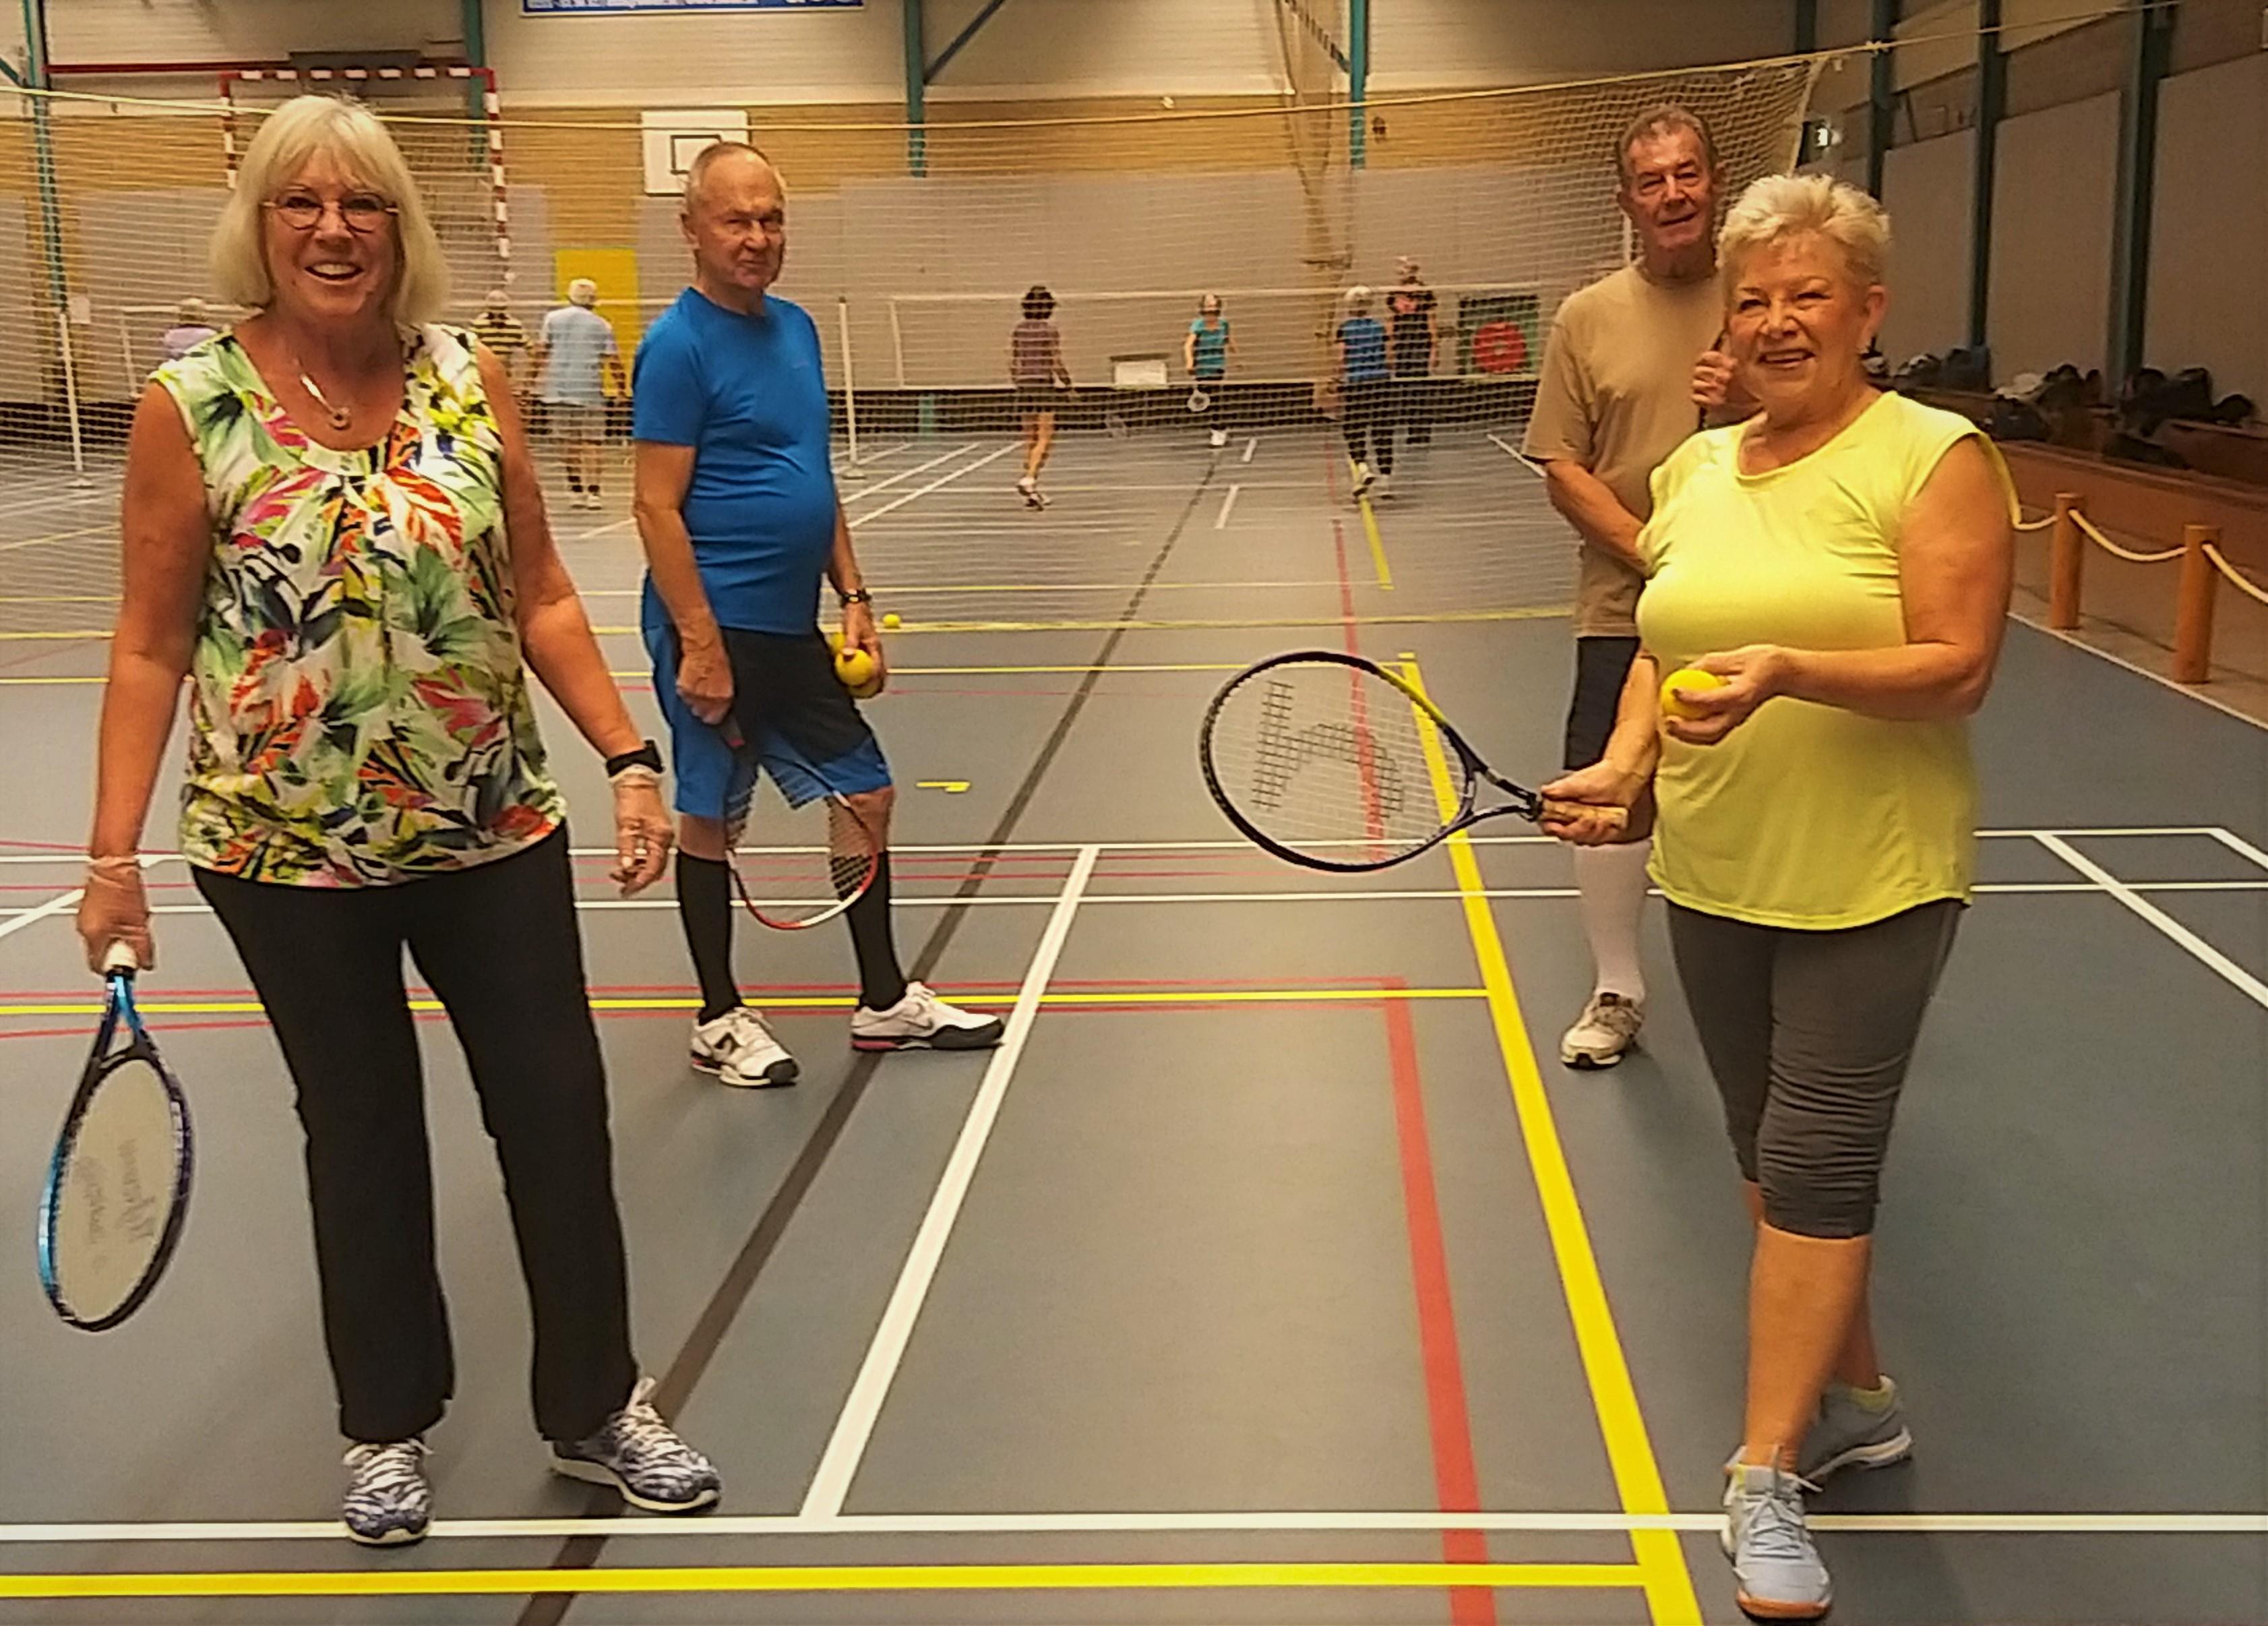 Potje Dutch Tennis in het Polderhuis in Velserbroek: 'Na de pauze kun je helemaal los gaan'